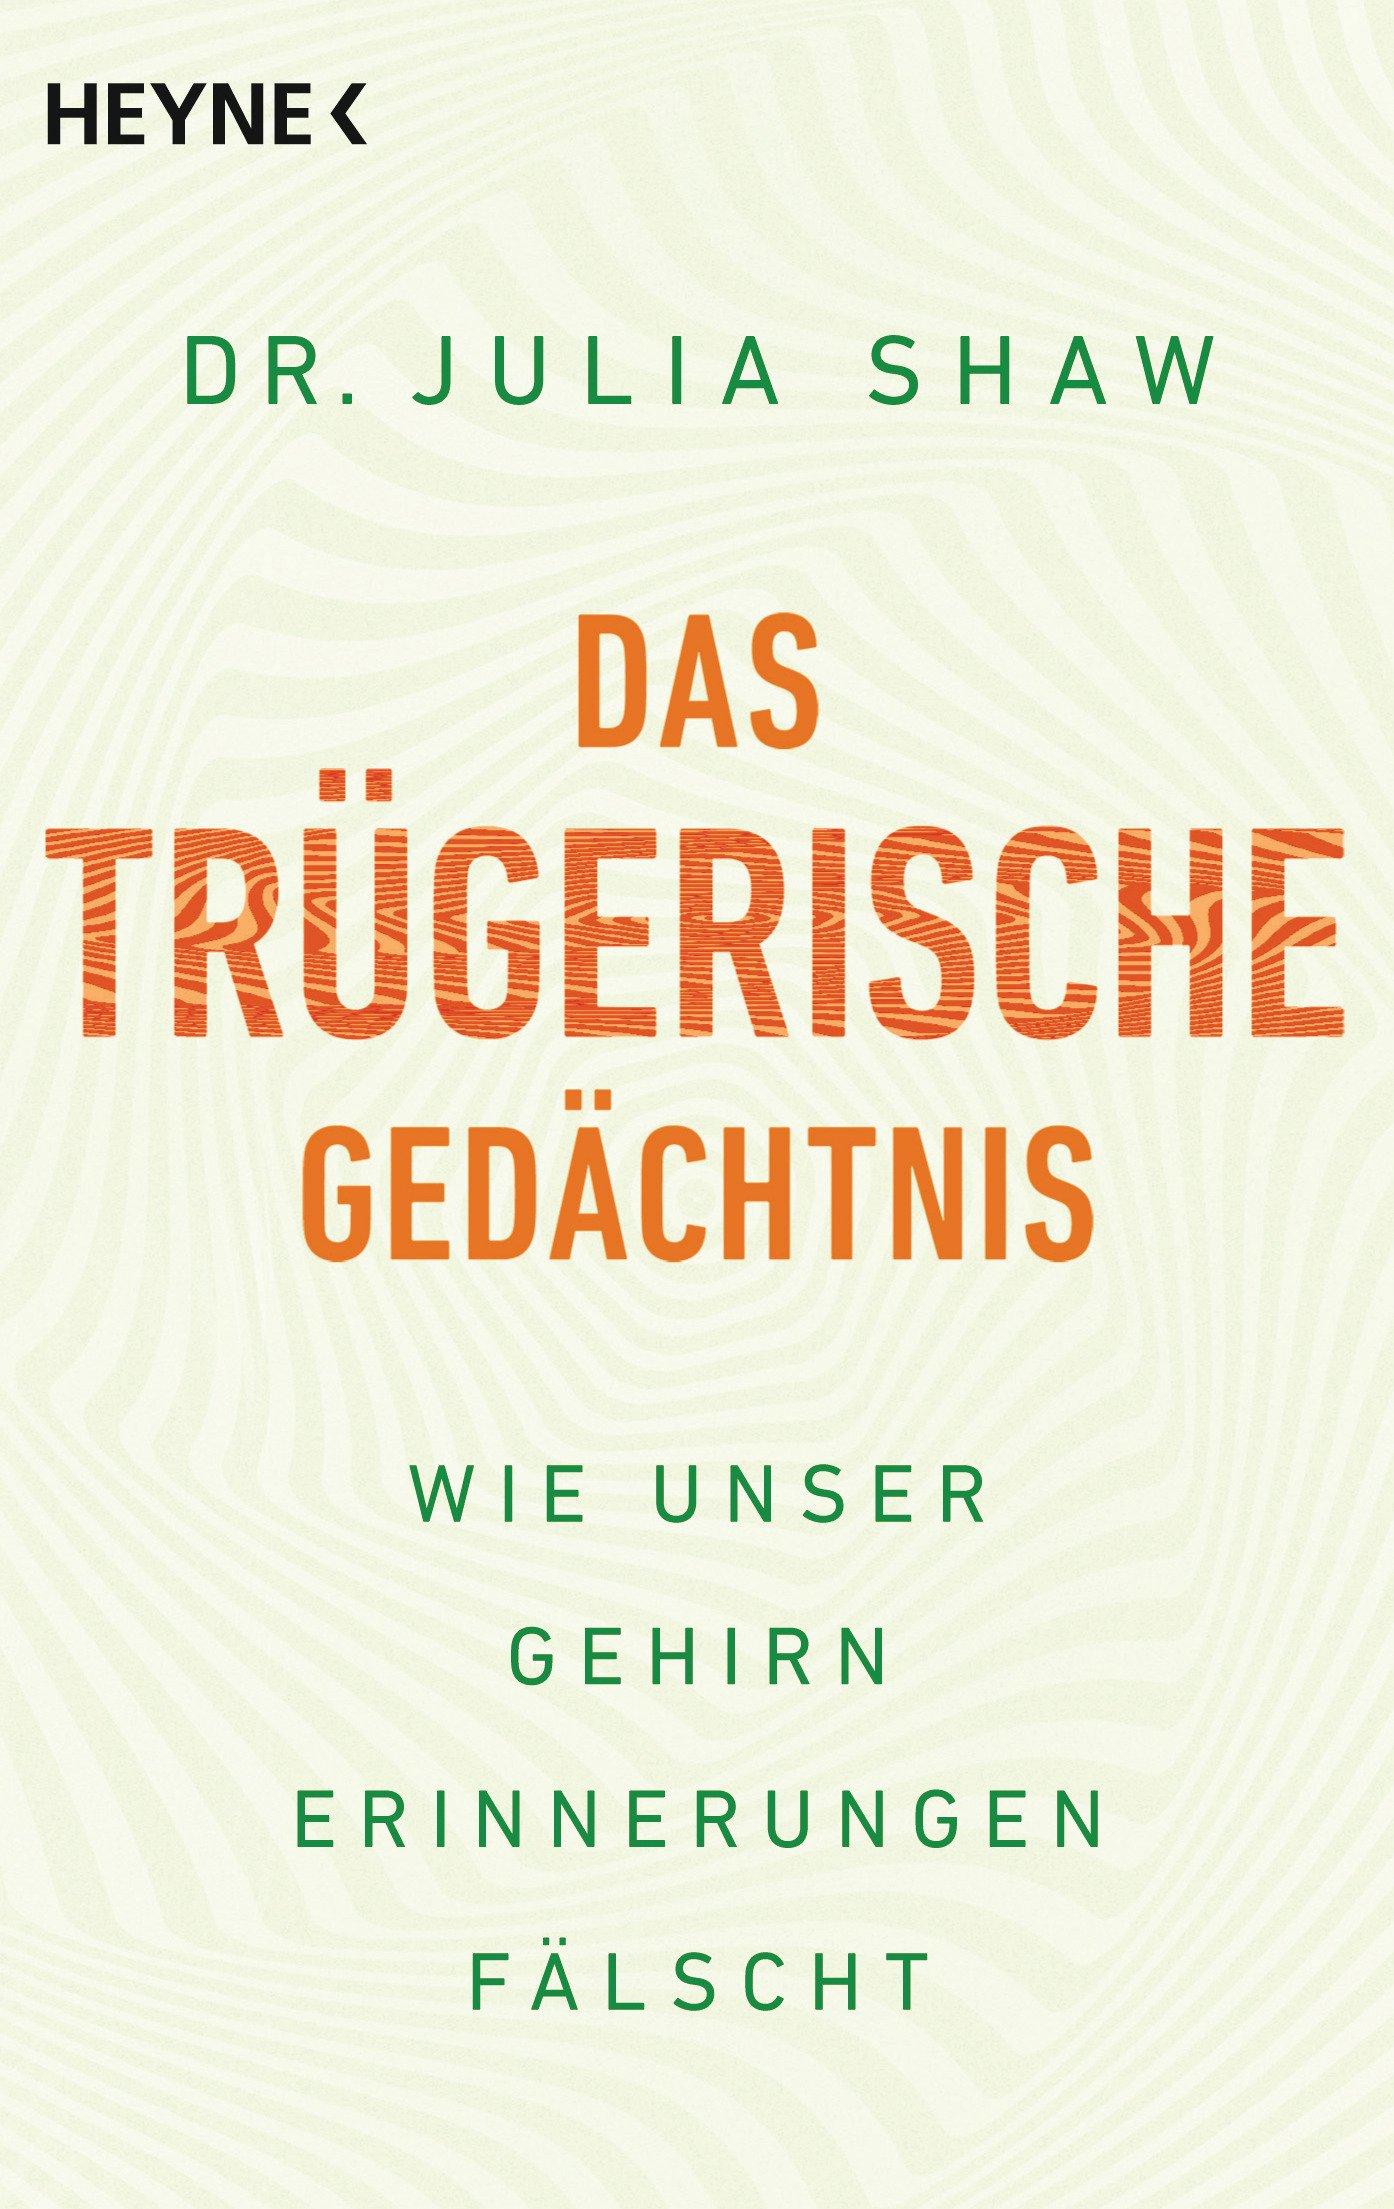 Das trügerische Gedächtnis: Wie unser Gehirn Erinnerungen fälscht Taschenbuch – 9. Januar 2018 Julia Shaw Christa Broermann Heyne Verlag 3453604482